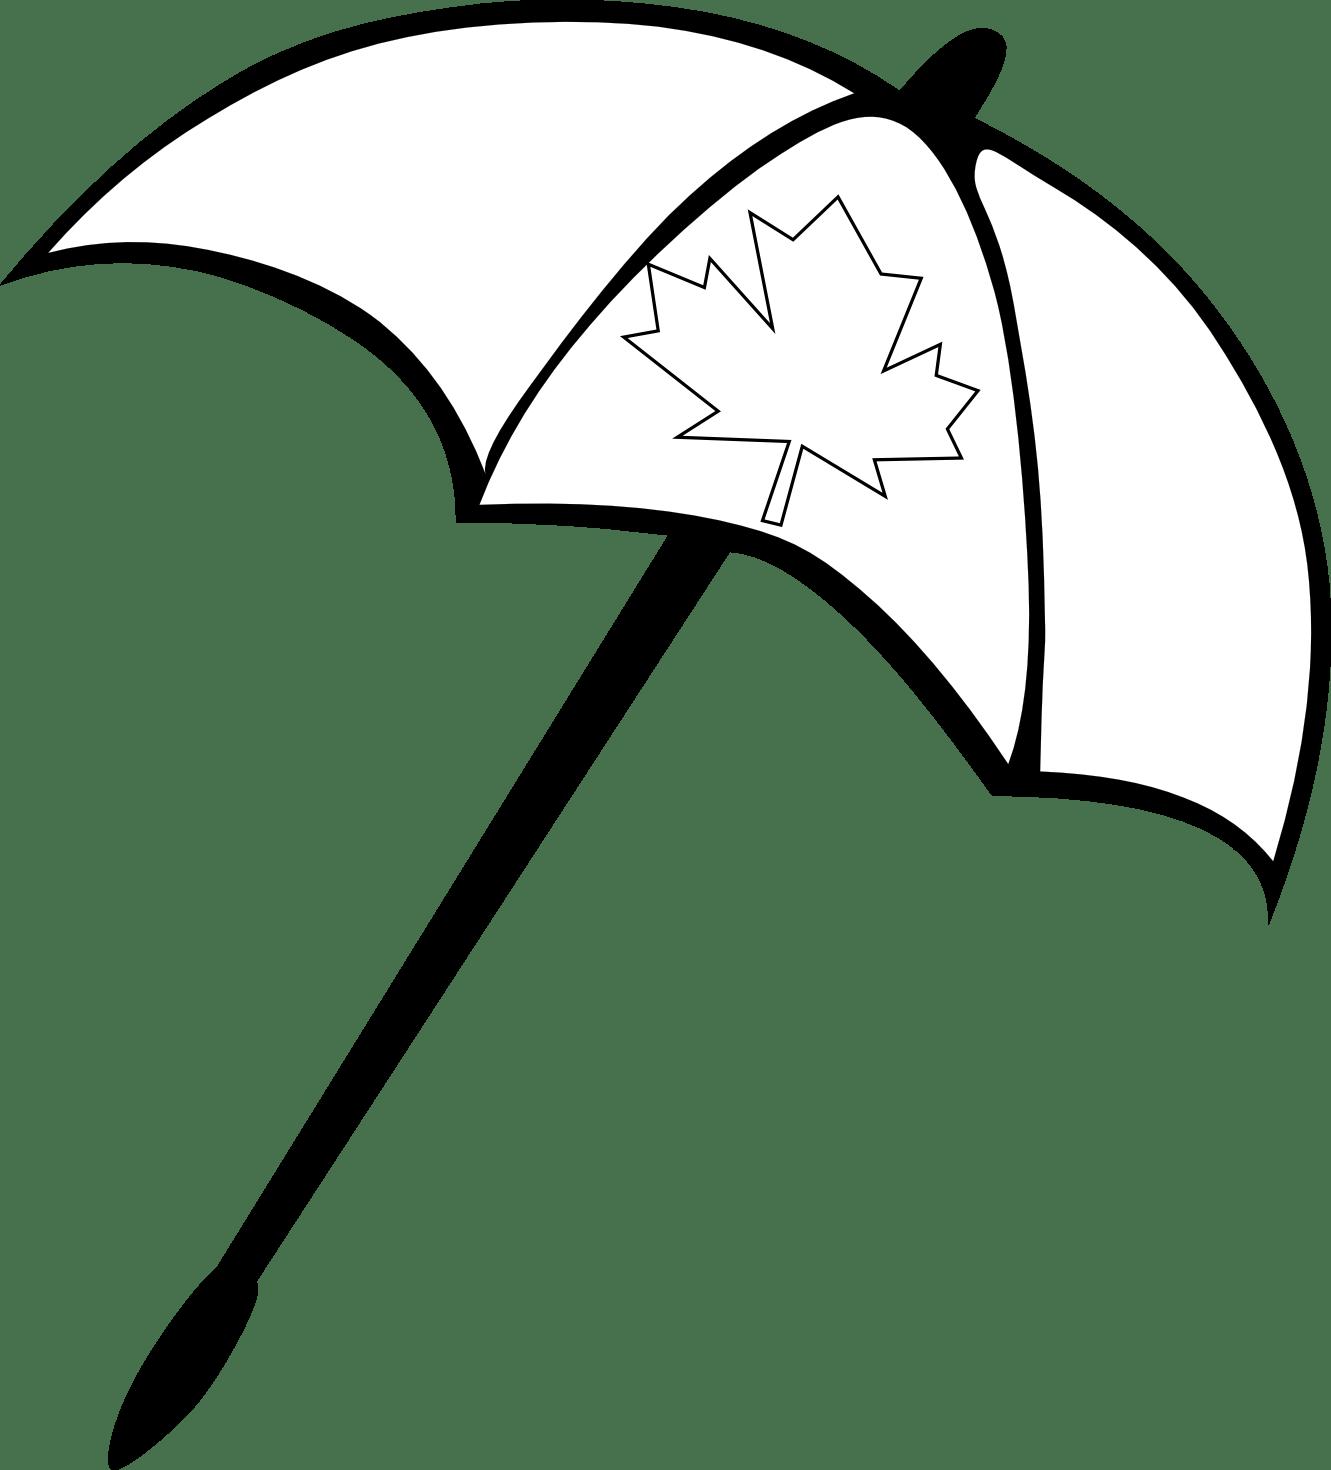 Umbrella Clipart Black And White Clipart Panda